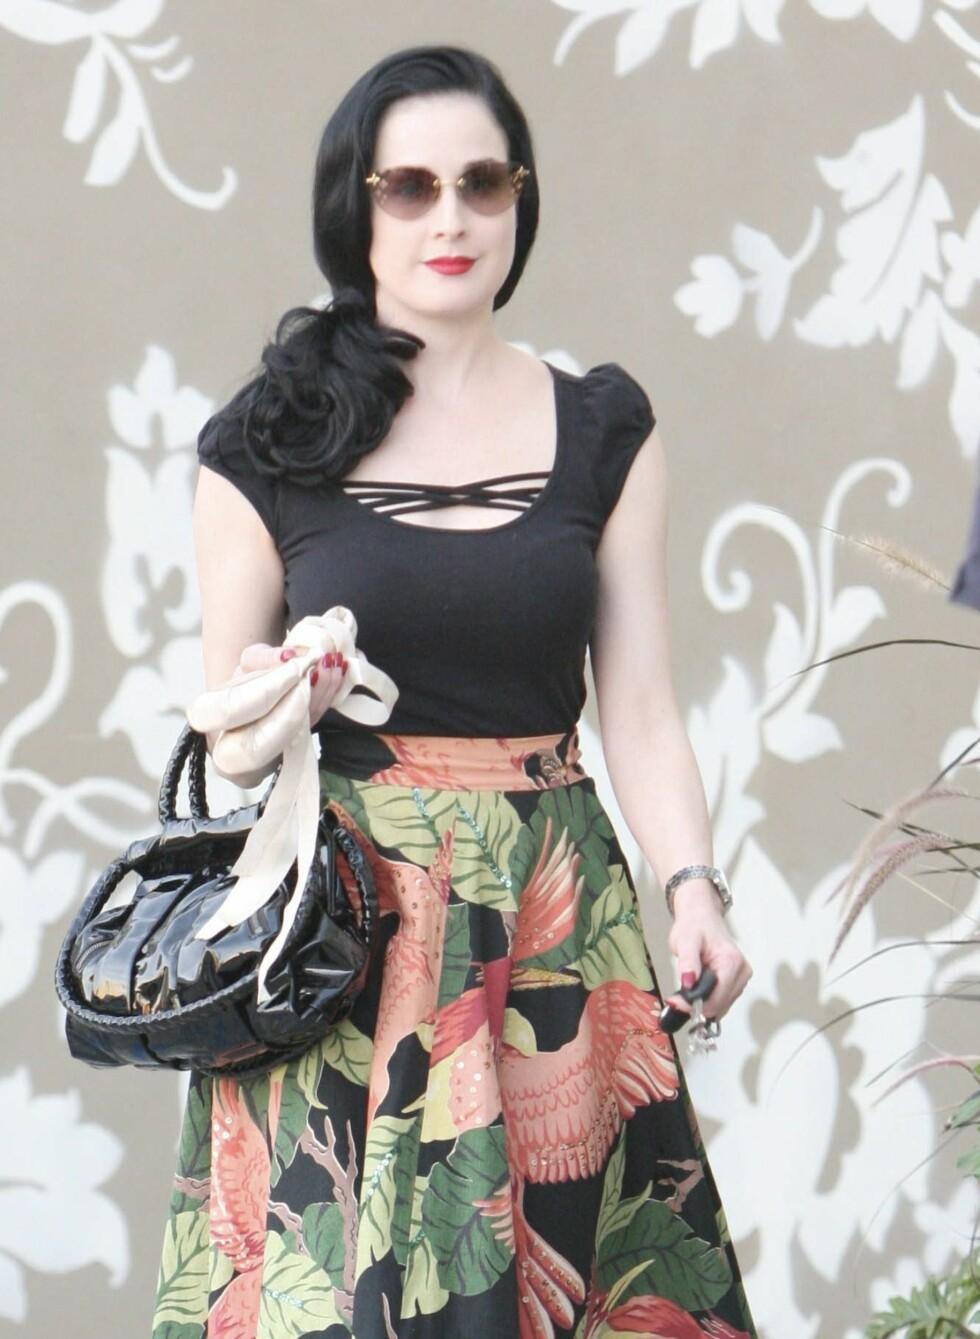 Burlesque-artist Dita Von Teese har gjort 40-tallslooken til sin. Her skal det være blekt og tandert!  Foto: All Over Press